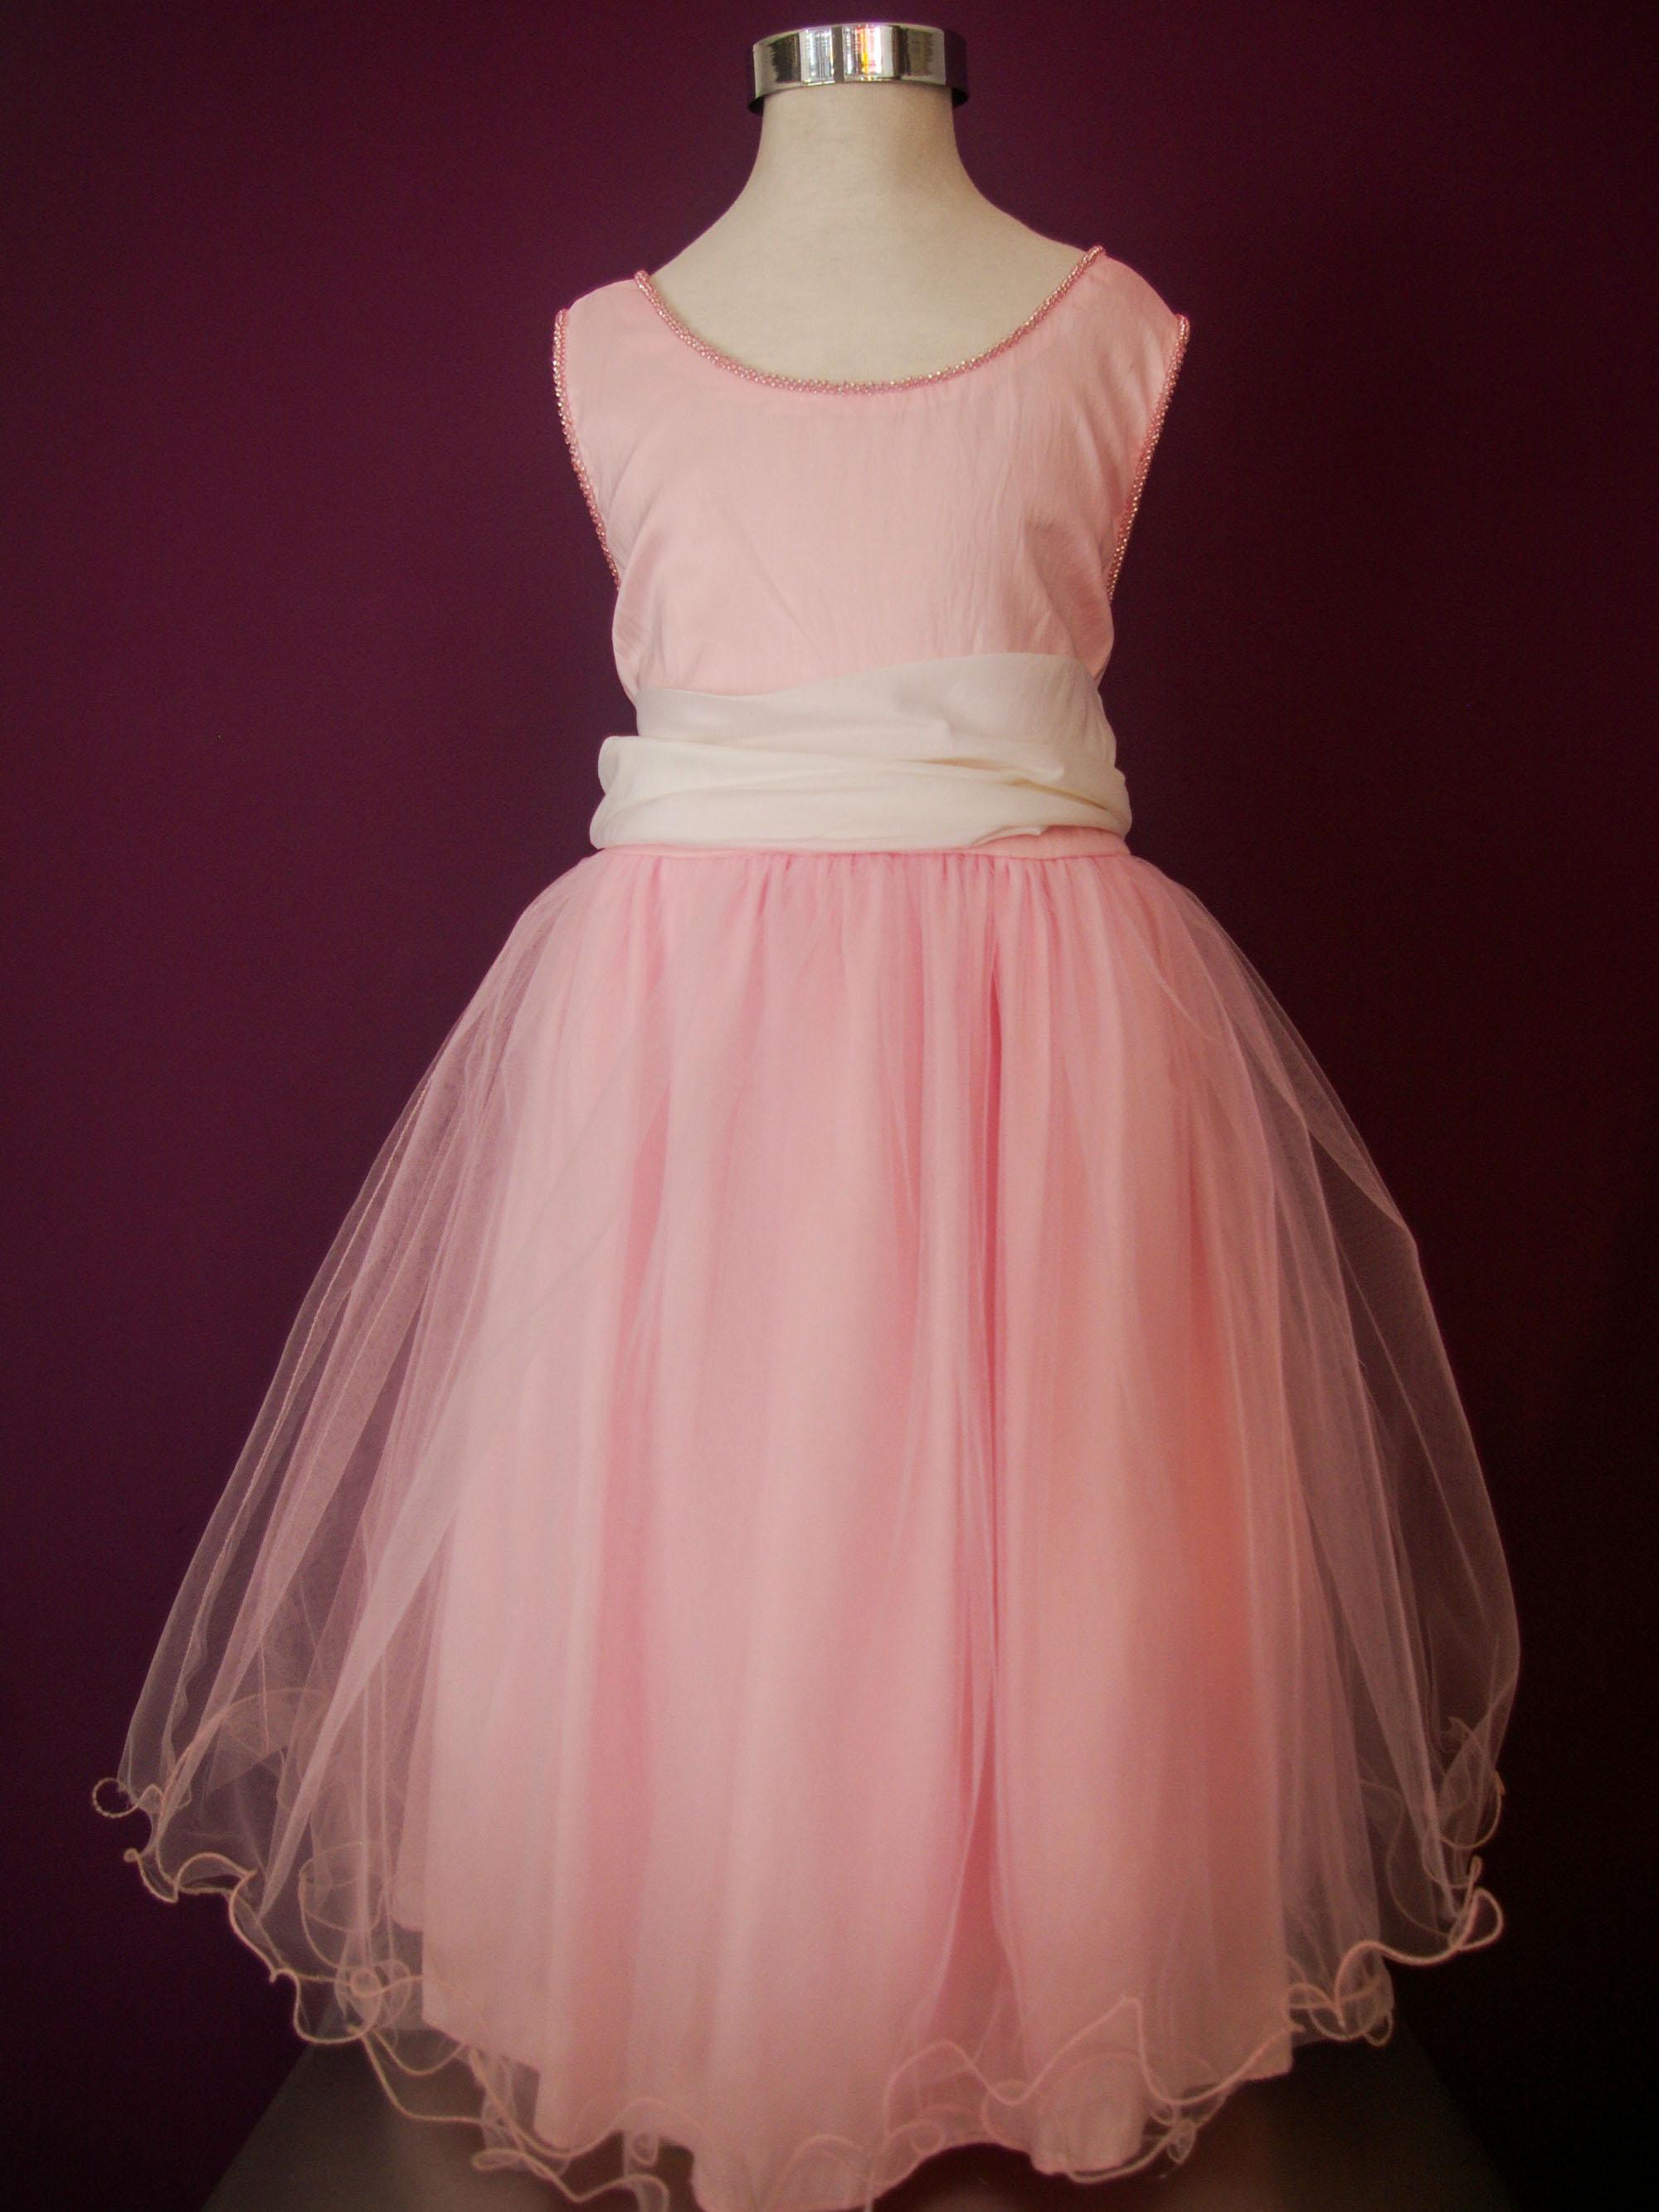 e5a0535d7 Diseño Antonieta - Clásico vestido de niña con faja a contratono y falda de  tul. Bustier liso con detalles bordados a mano en canutillos.